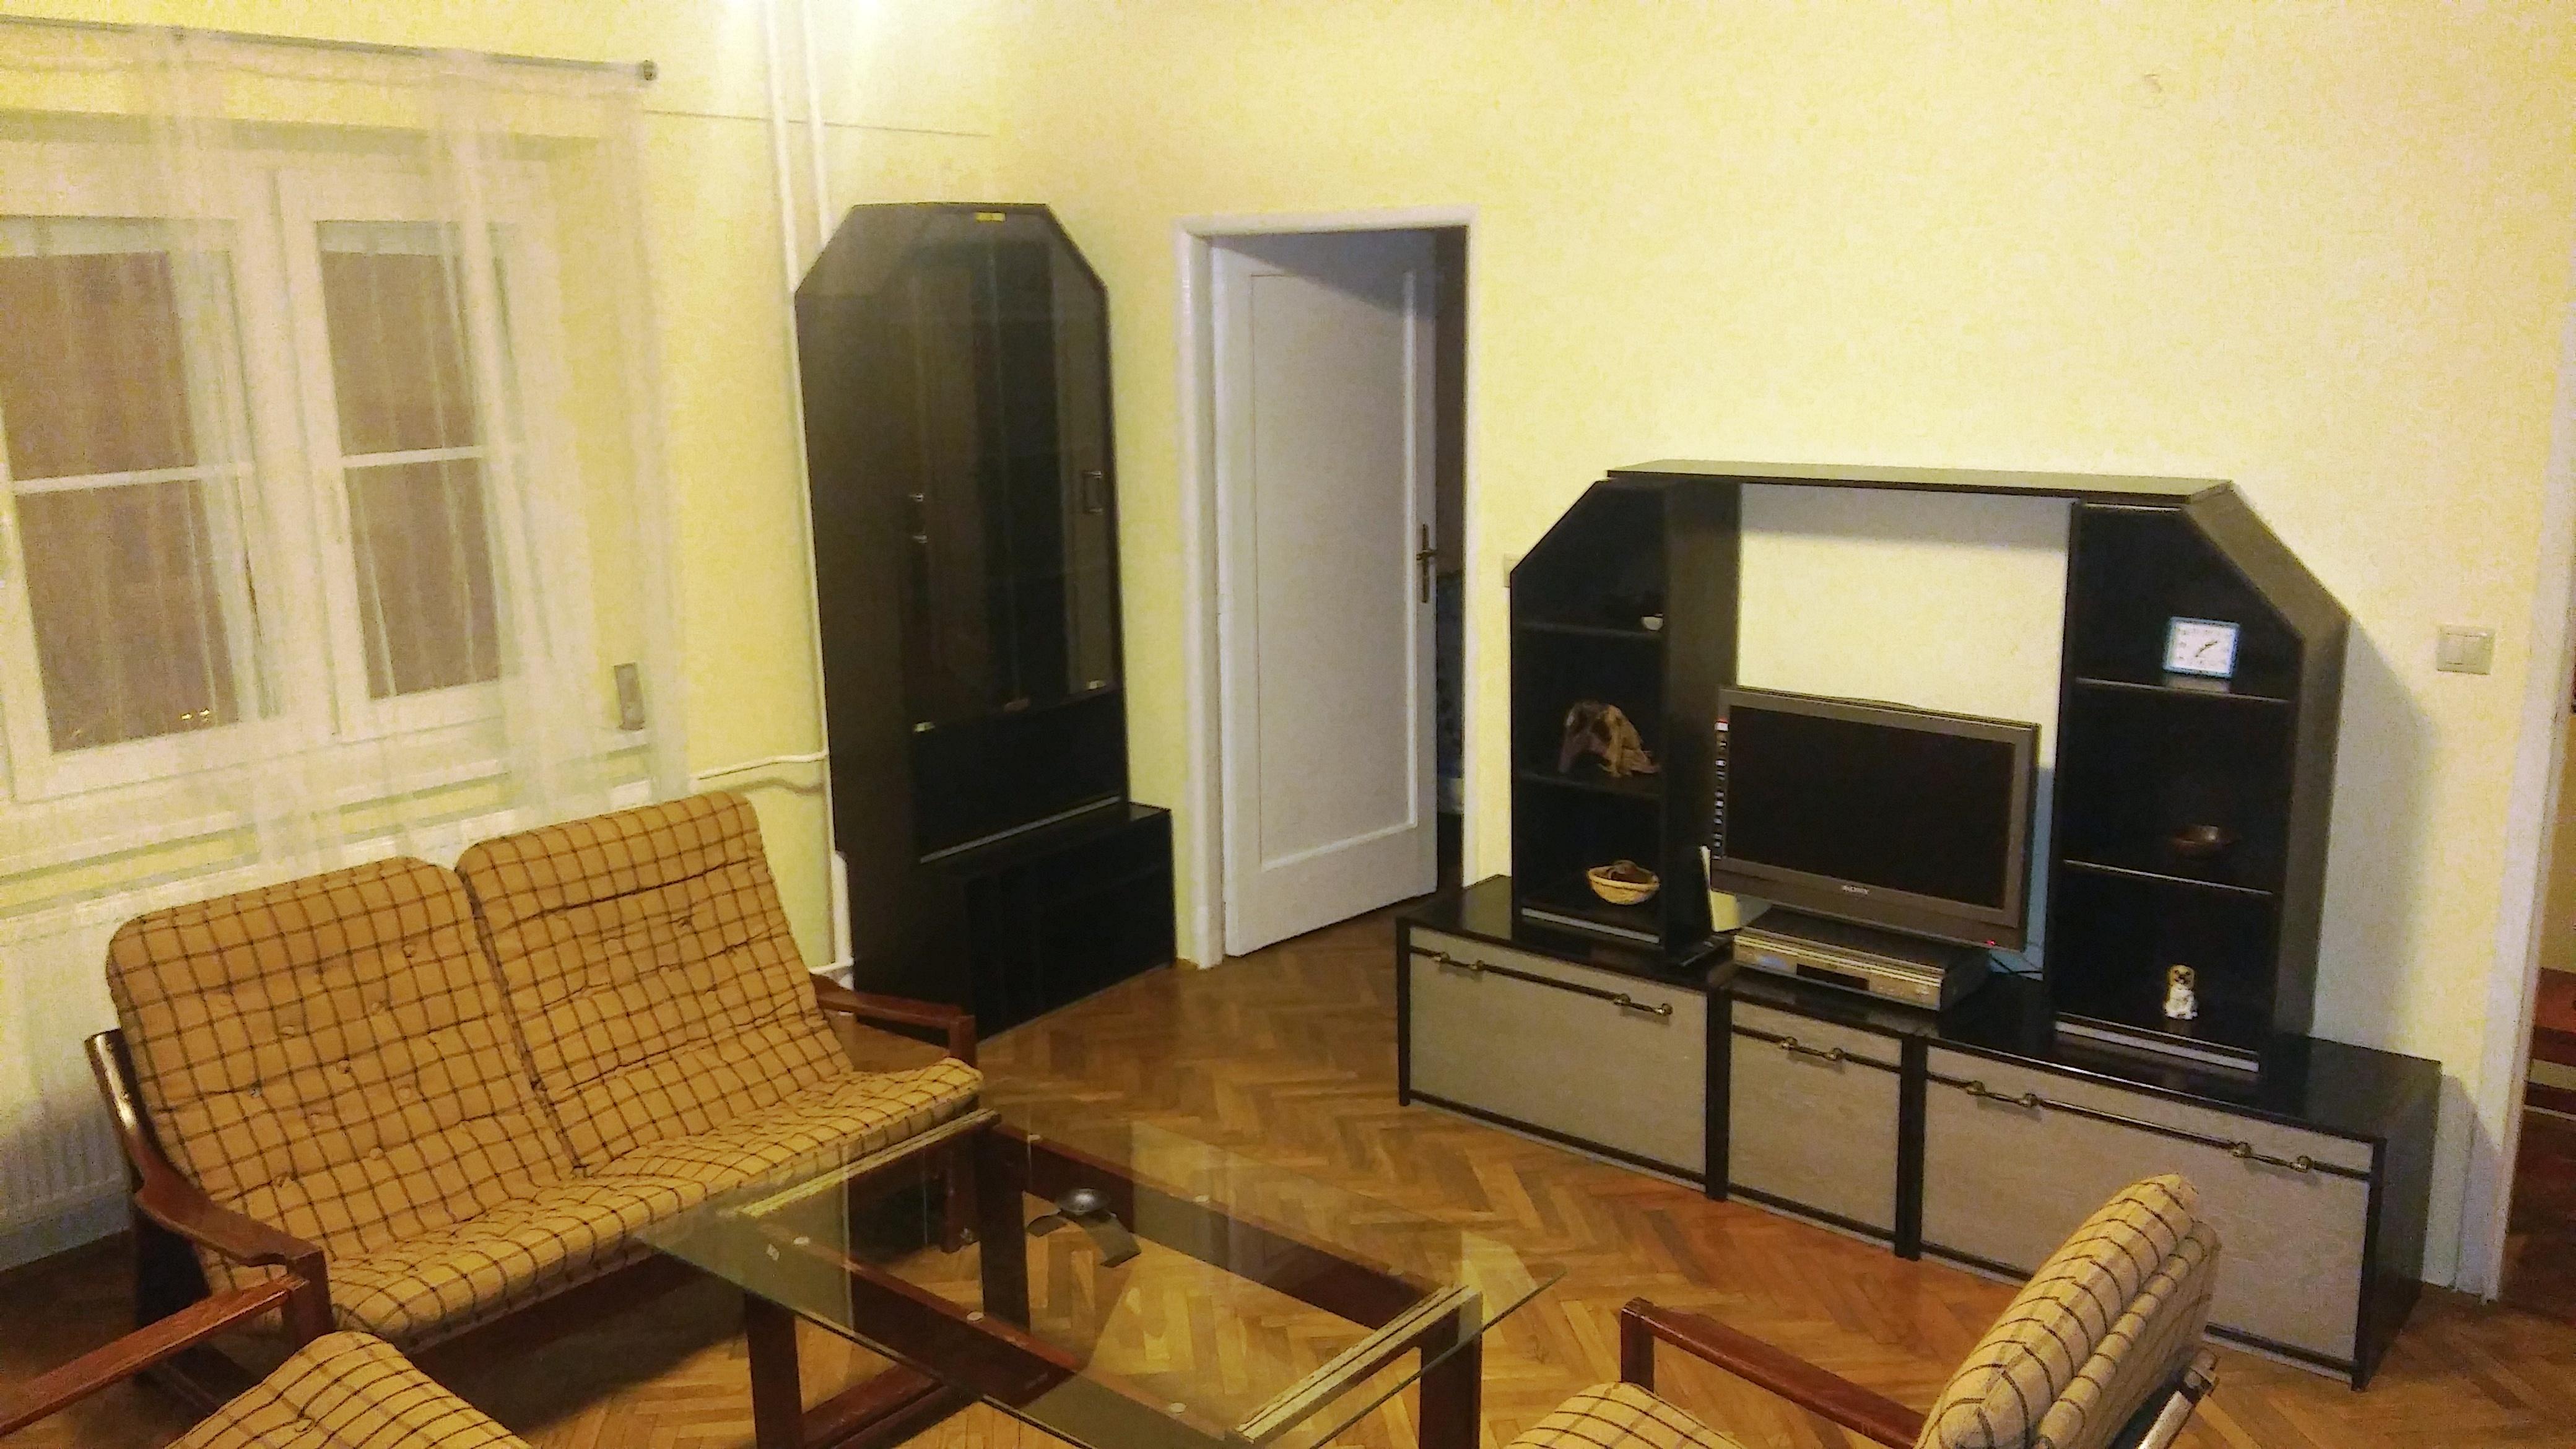 Prenajaté: Na prenájom exkluzívne 2 izb. byt, Staré mesto, Šancová ulica, Bratislava, 75m2, kompletne zariadený-14